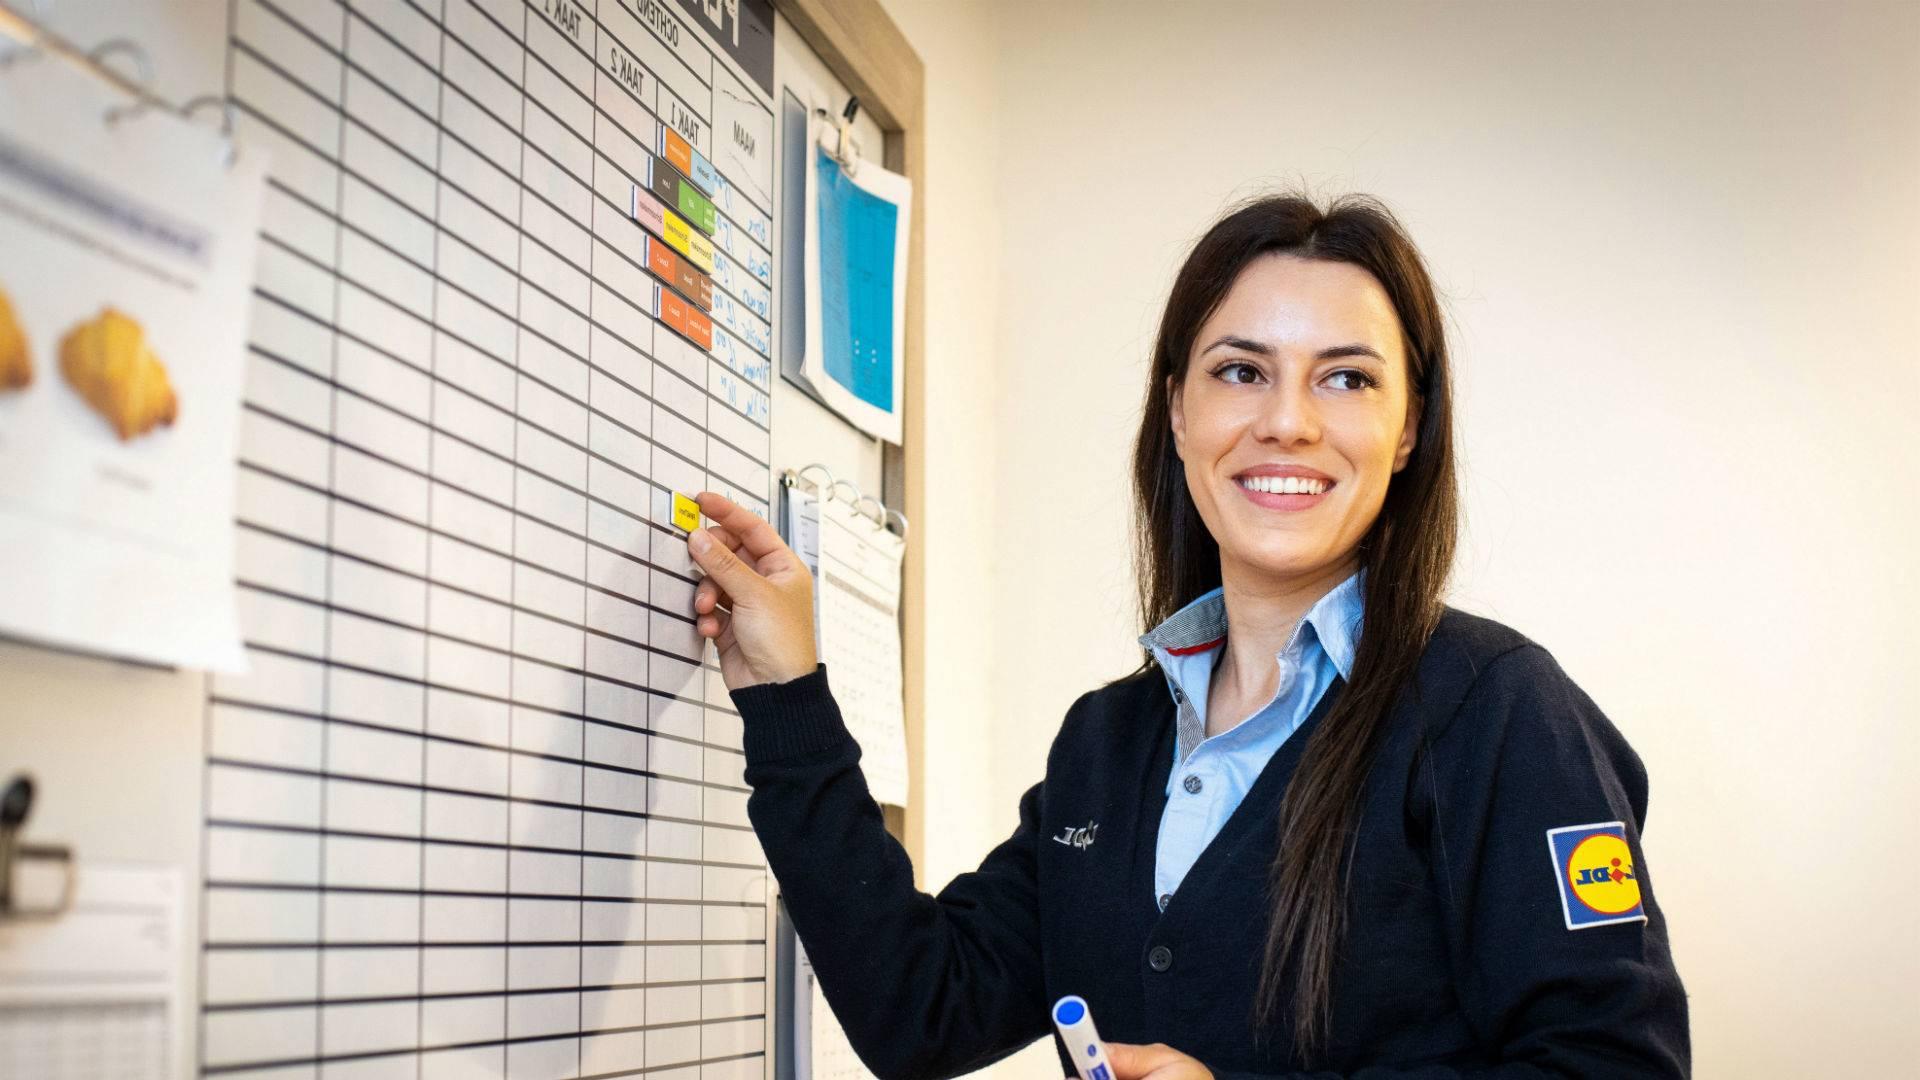 Plaatsvervangend supermarktmanager bezig met planning